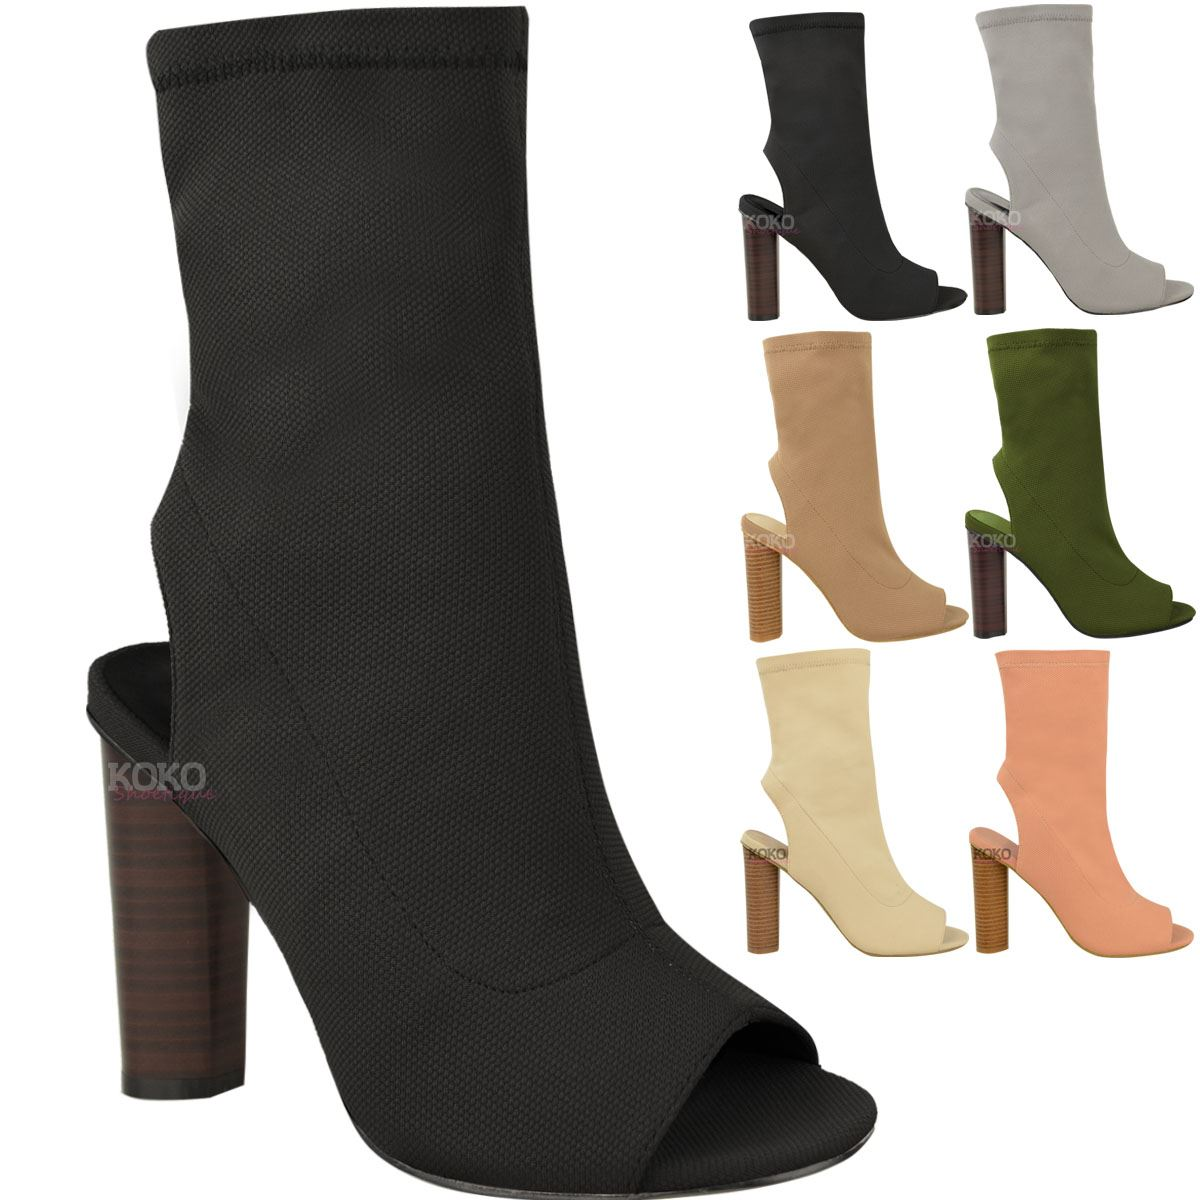 Koko Women US 8 Brown Peep Toe Western Boot